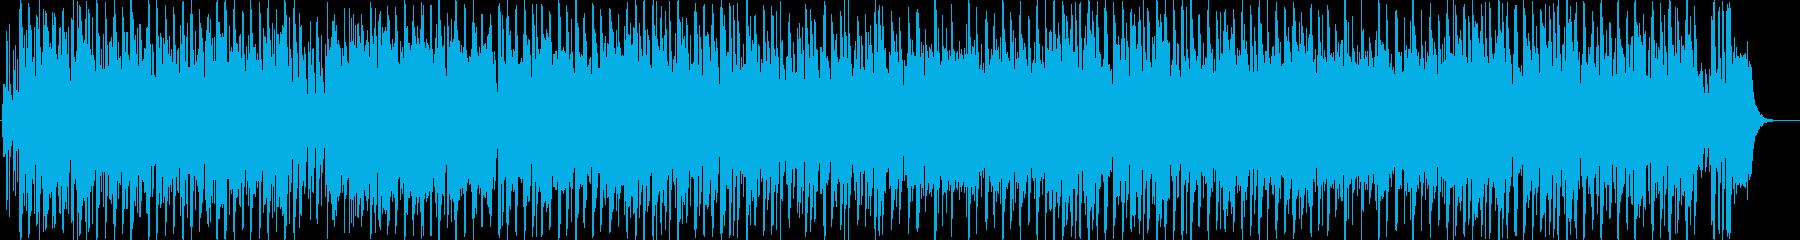 聞き馴染んだ旋律をサンバにの再生済みの波形